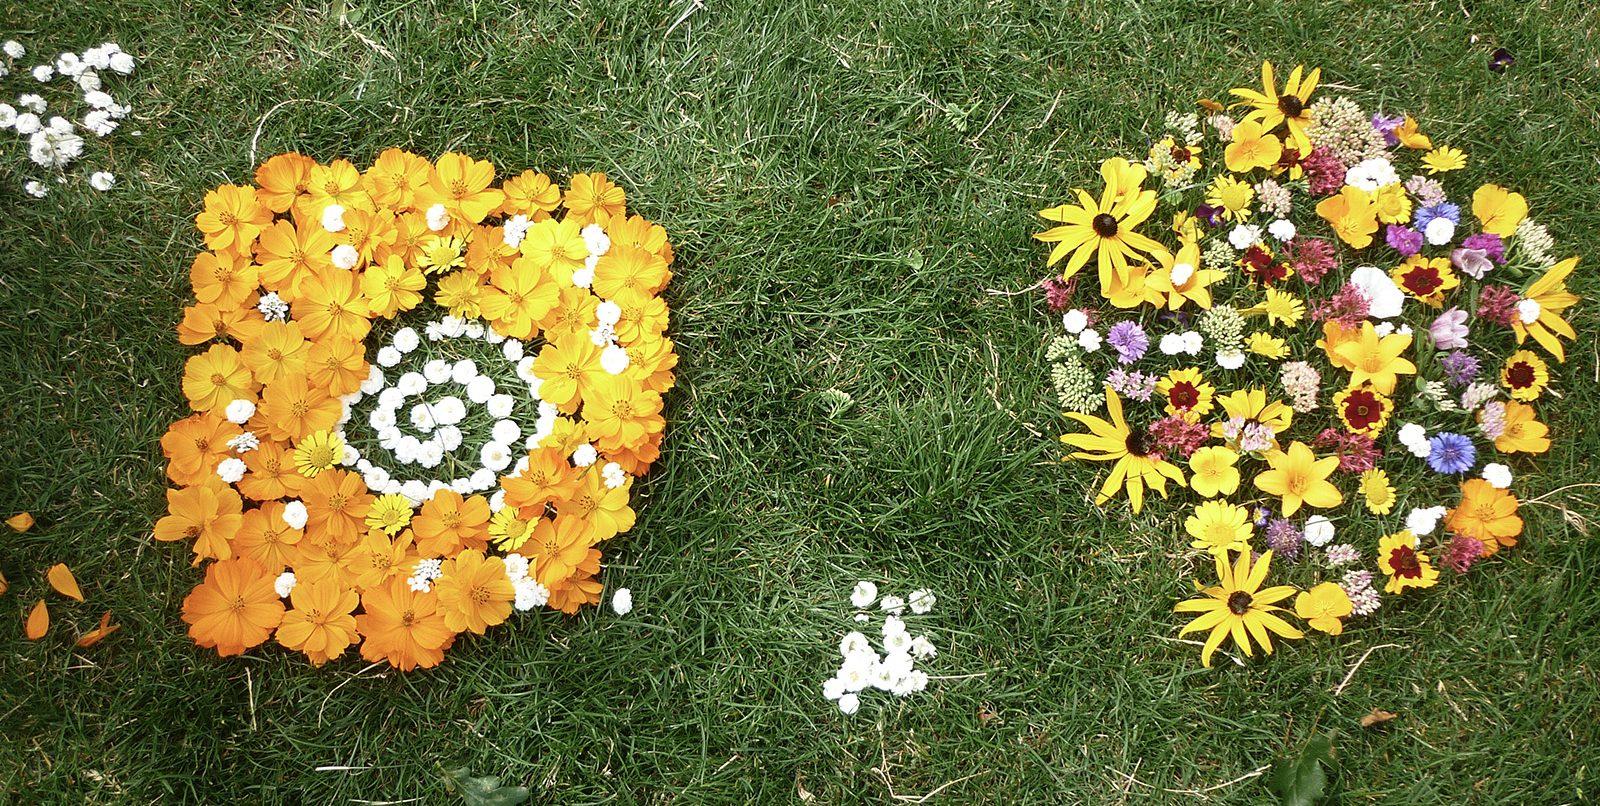 Fête de la nature - Par terre de fleurs